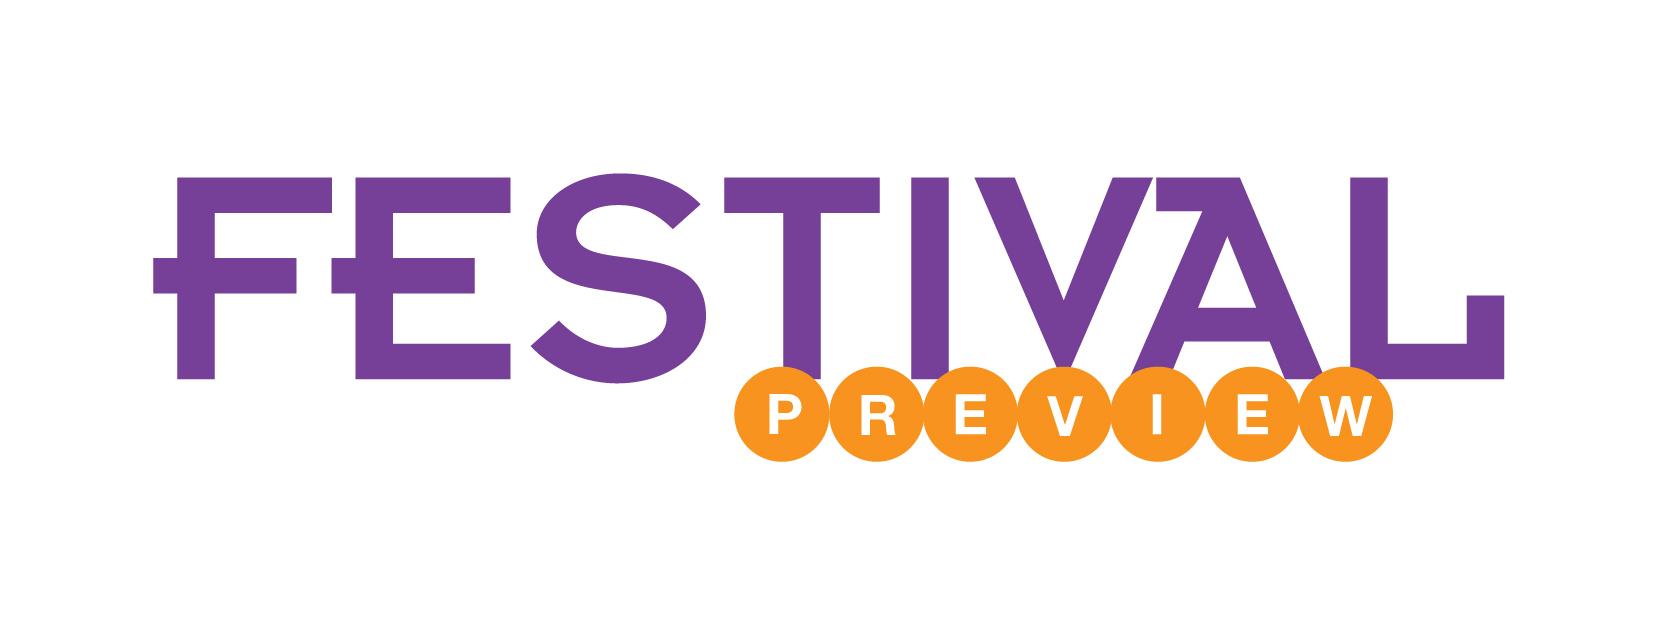 07festPreview_logo.jpg